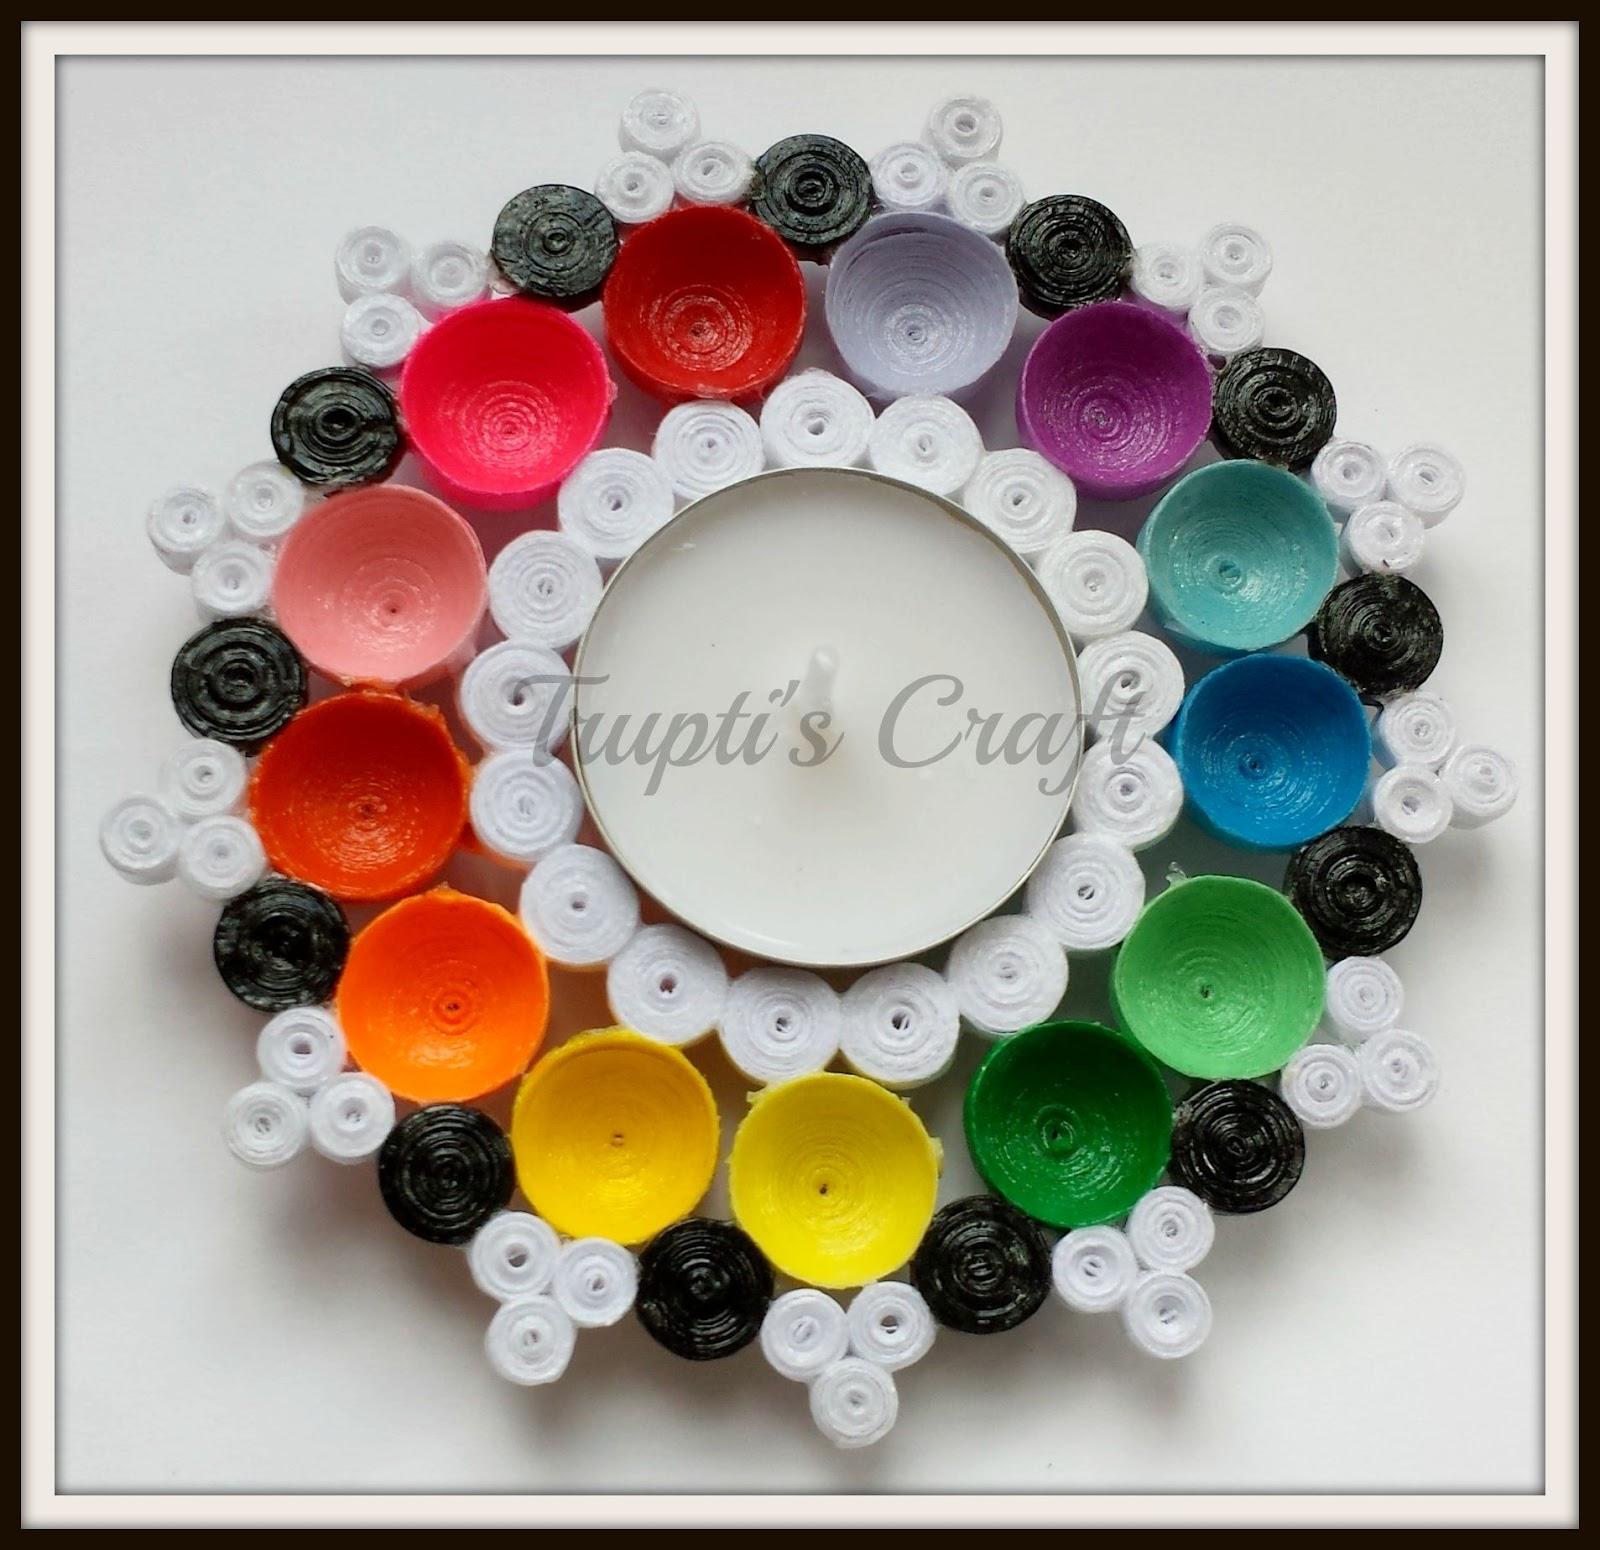 Trupti's Craft: Multi Purpose Multi Color Paper Quilling ... - photo#45